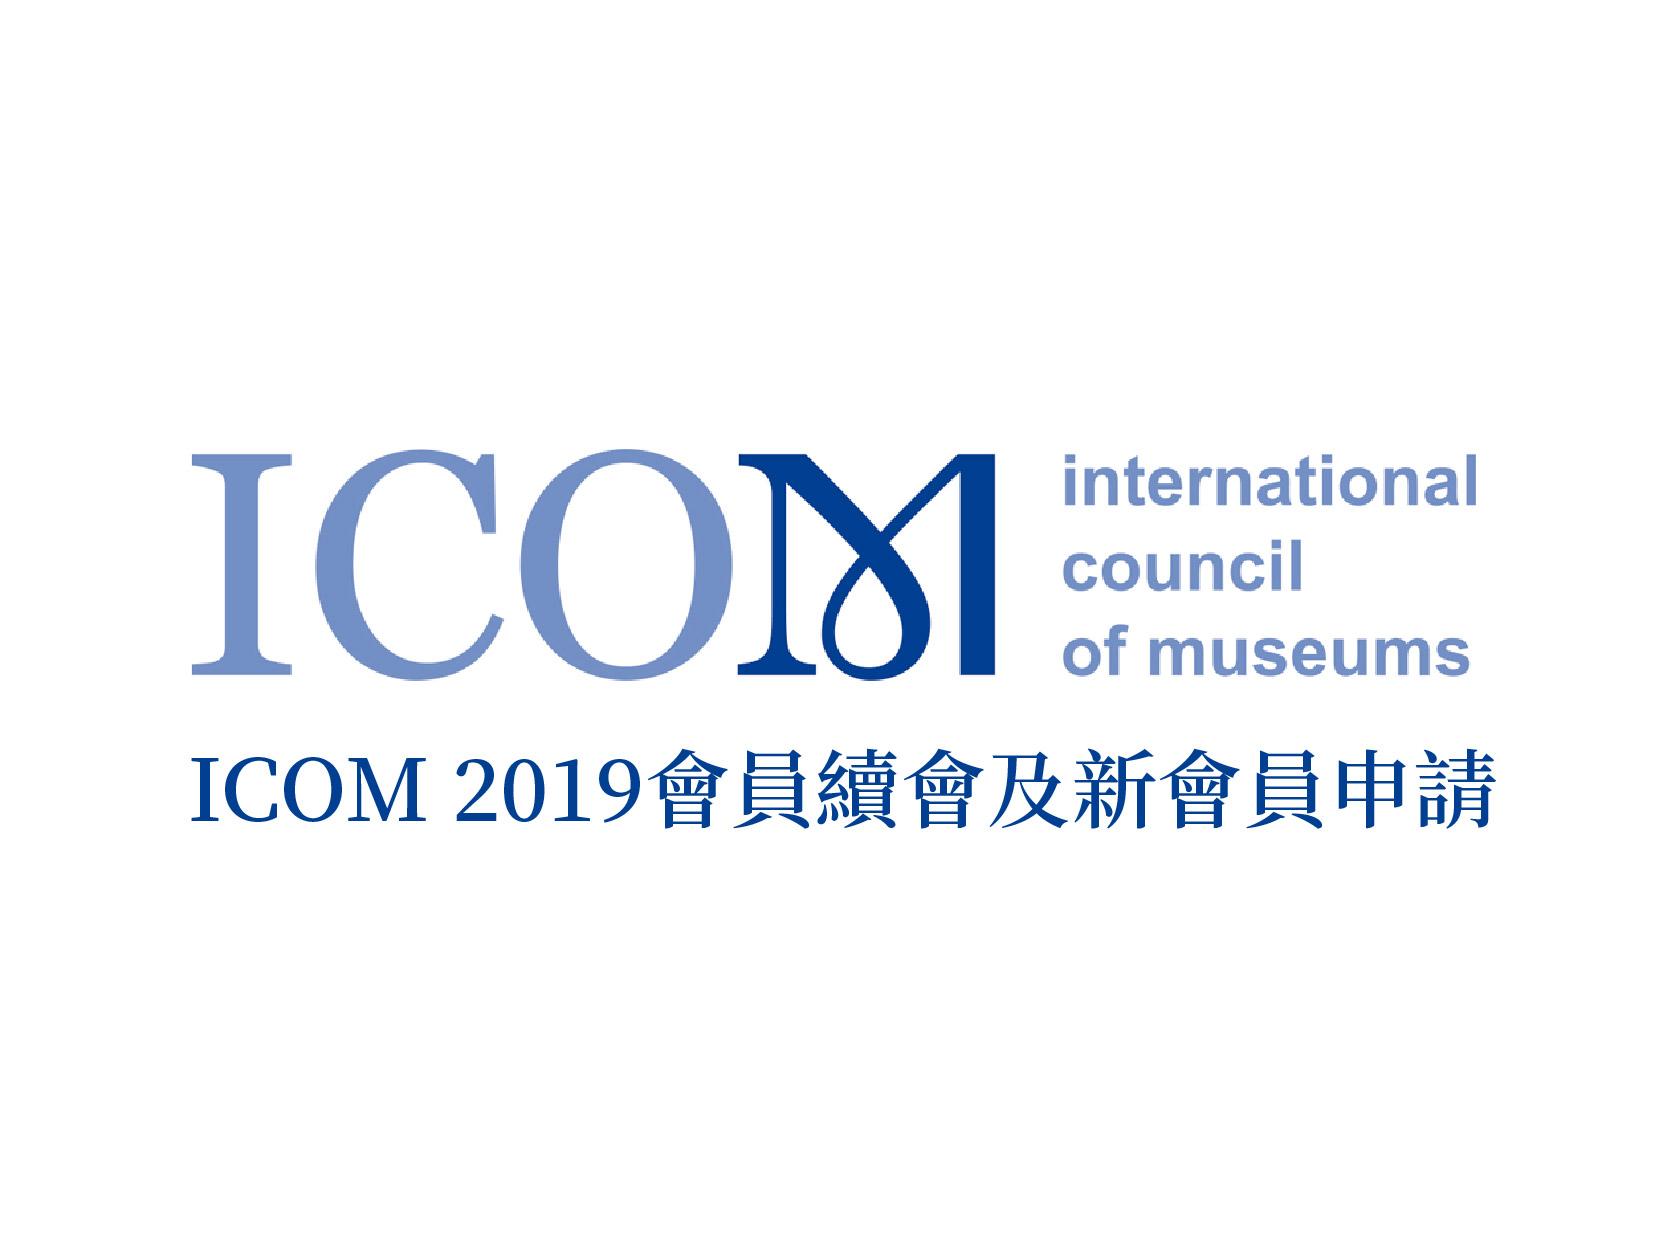 【中華民國博物館學會】ICOM 2019會員續會及新會員申請